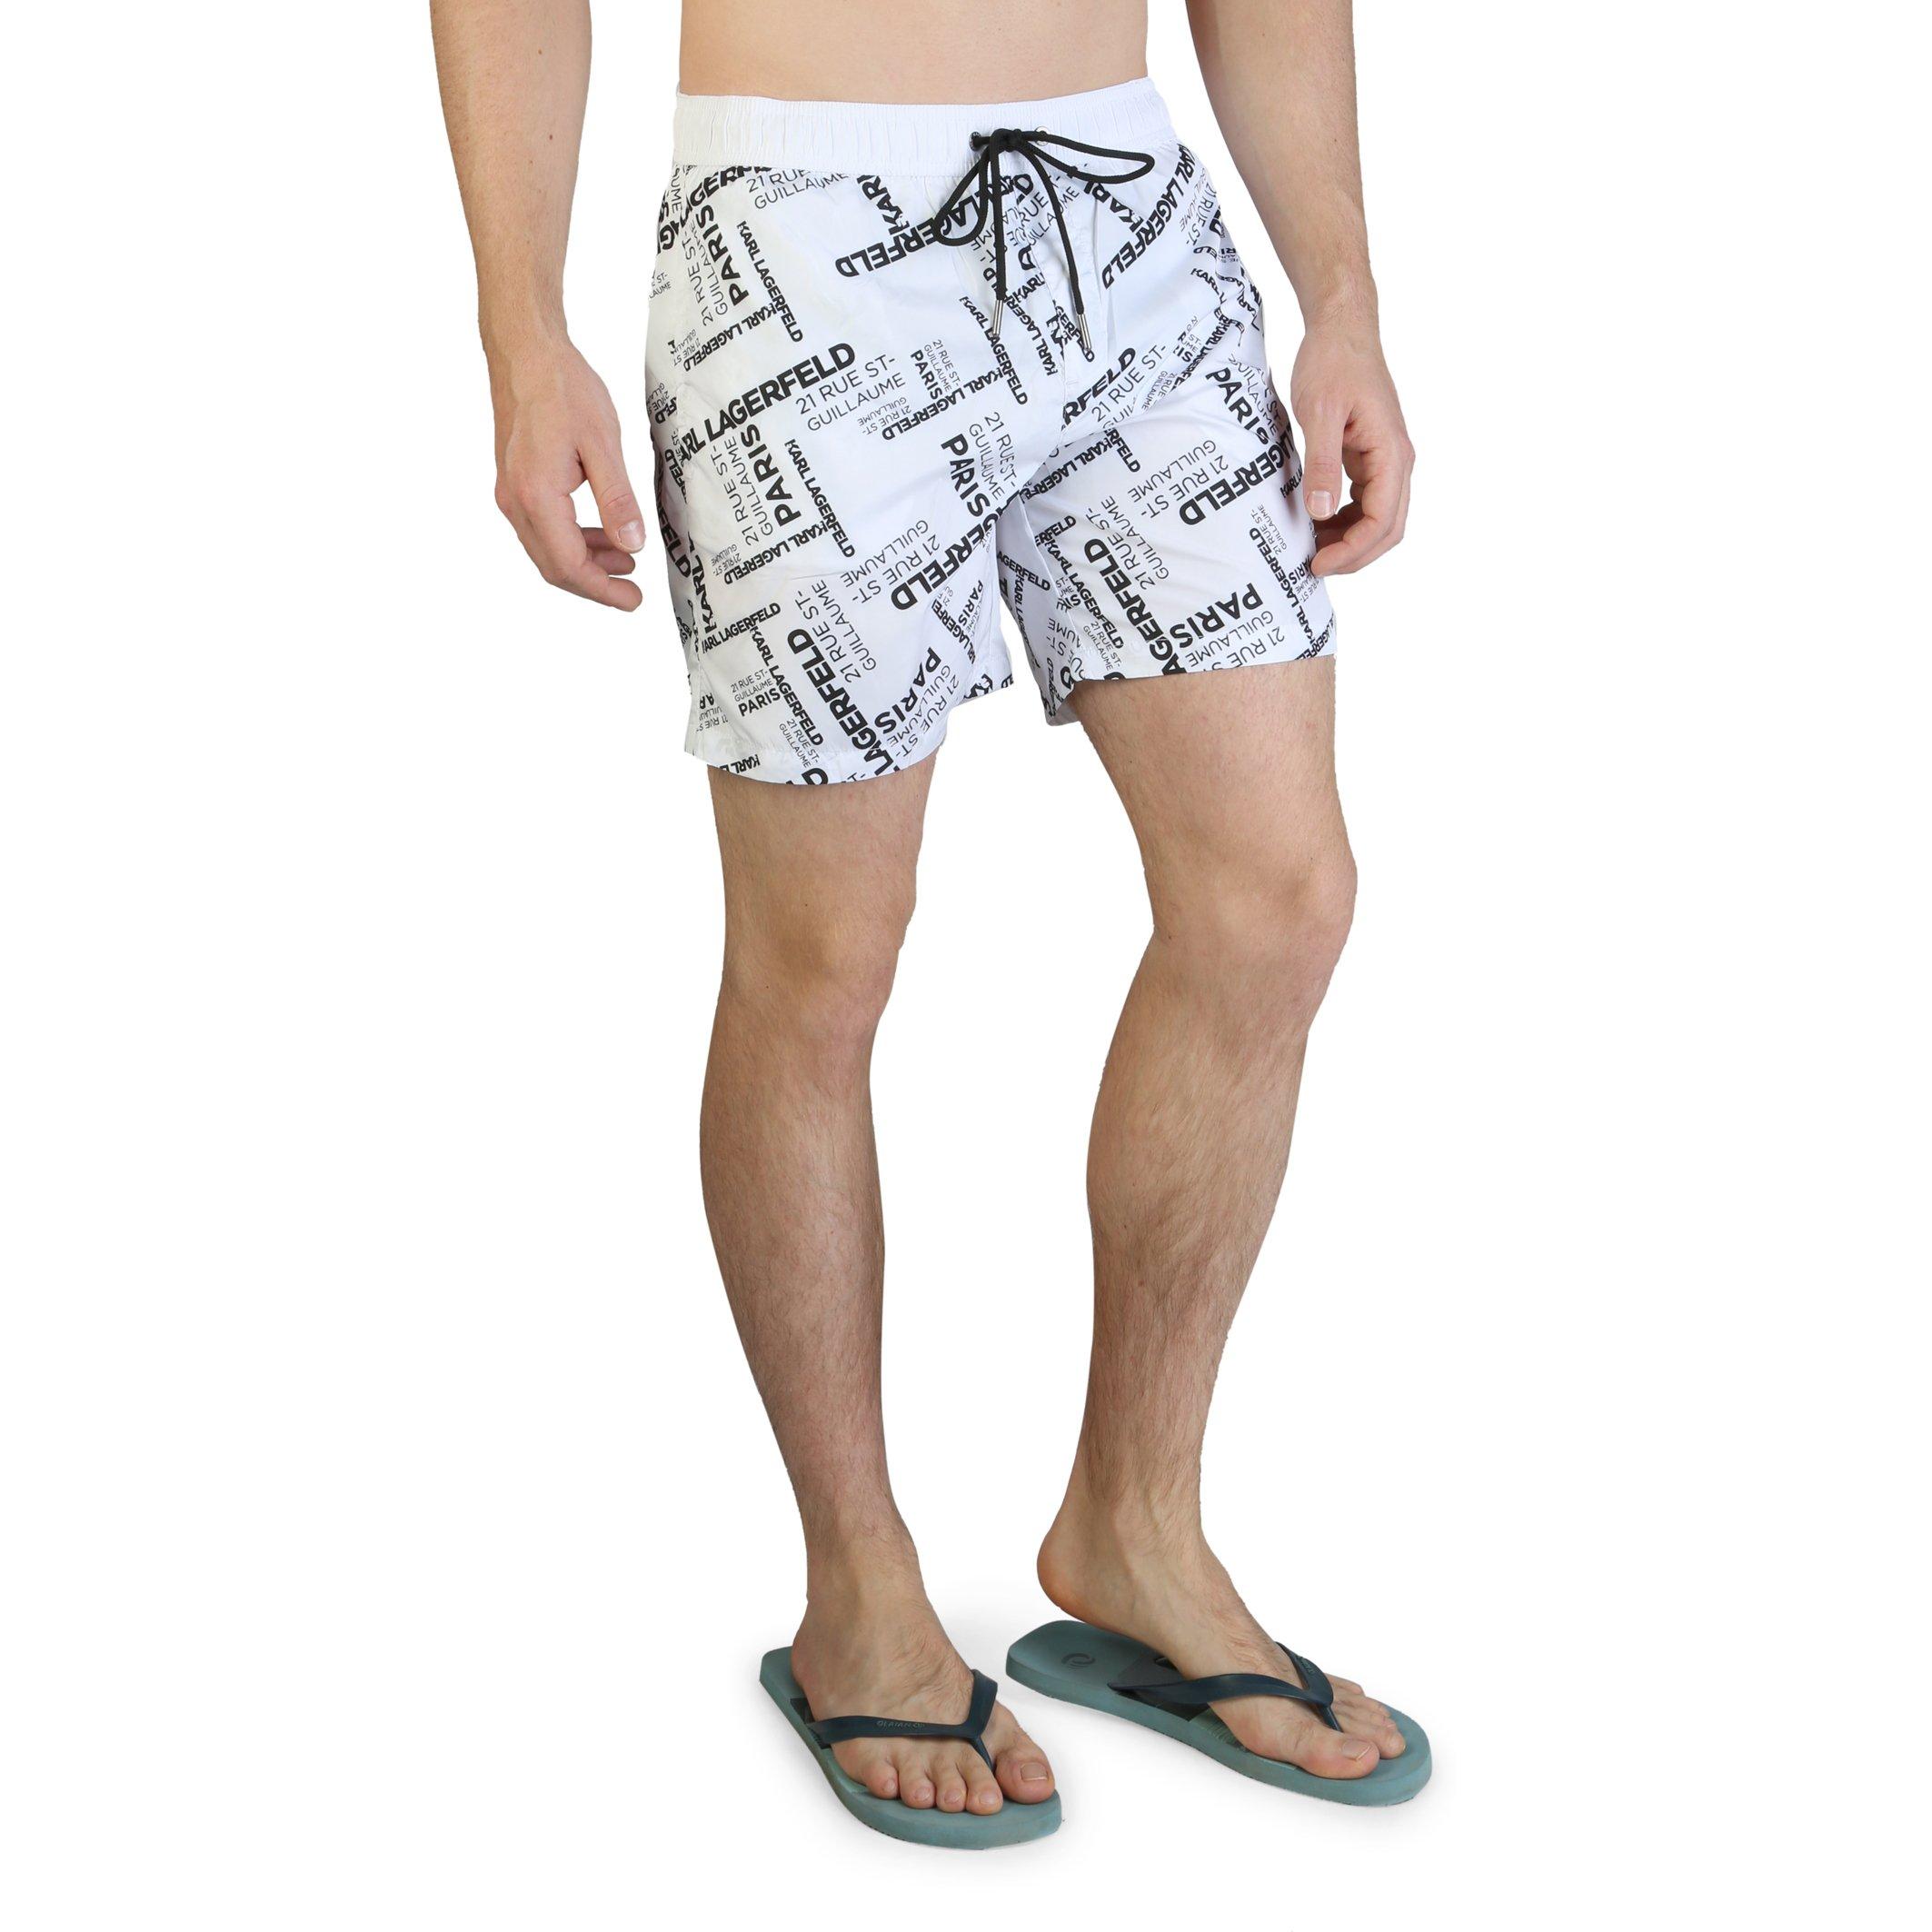 Karl Lagerfeld Men's Swimwear KL21MBM14 - white S